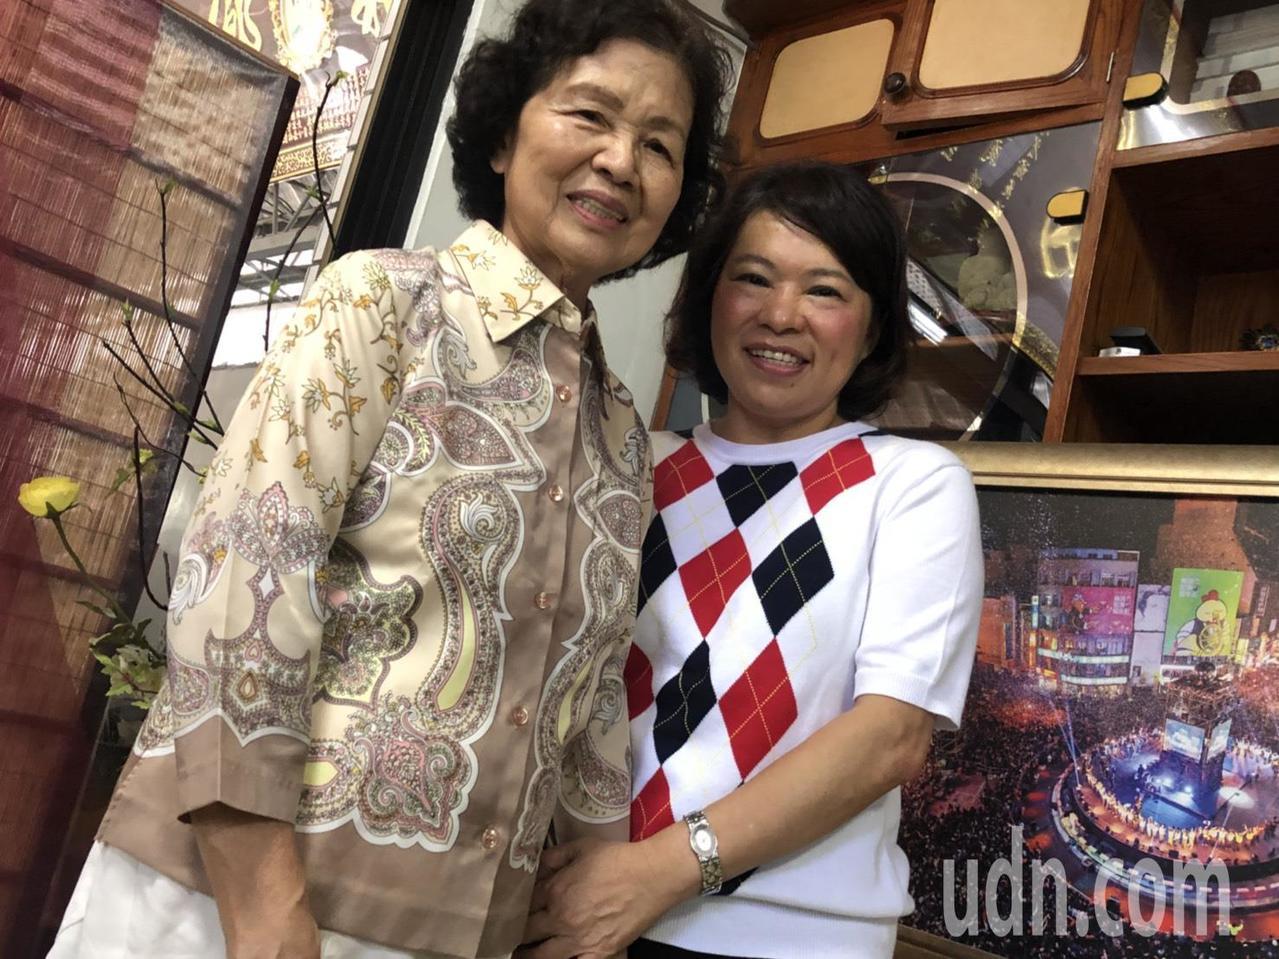 國民黨嘉義市長候選人黃敏惠與母親感情甚篤,母女倆有聊不完的話題。記者王慧瑛/攝影